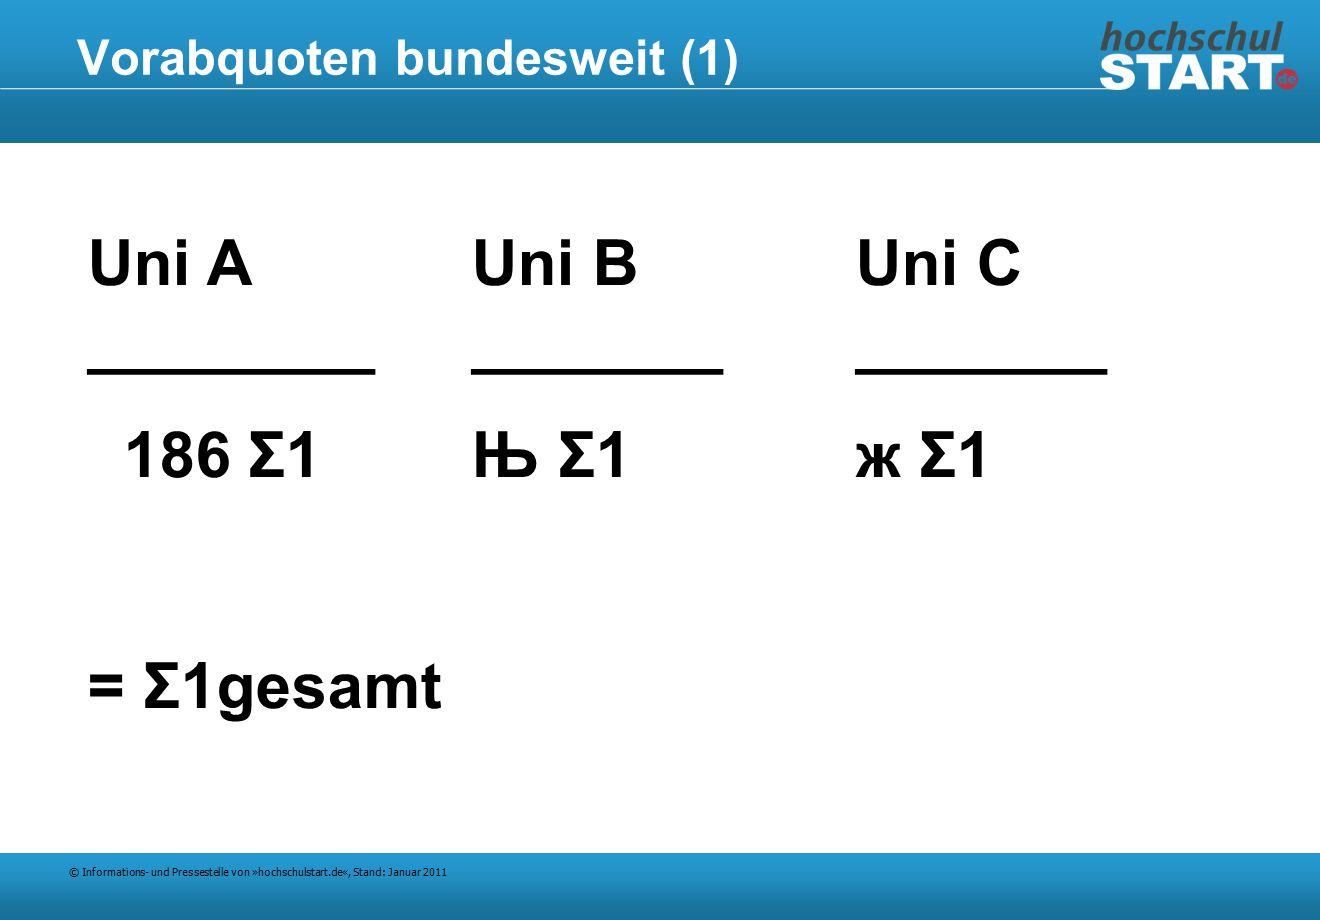 © Informations- und Pressestelle von »hochschulstart.de«, Stand: Januar 2011 Vorabquoten bundesweit (1) Uni AUni BUni C ______________________ 186 Σ1Њ Σ1ж Σ1 = Σ1gesamt